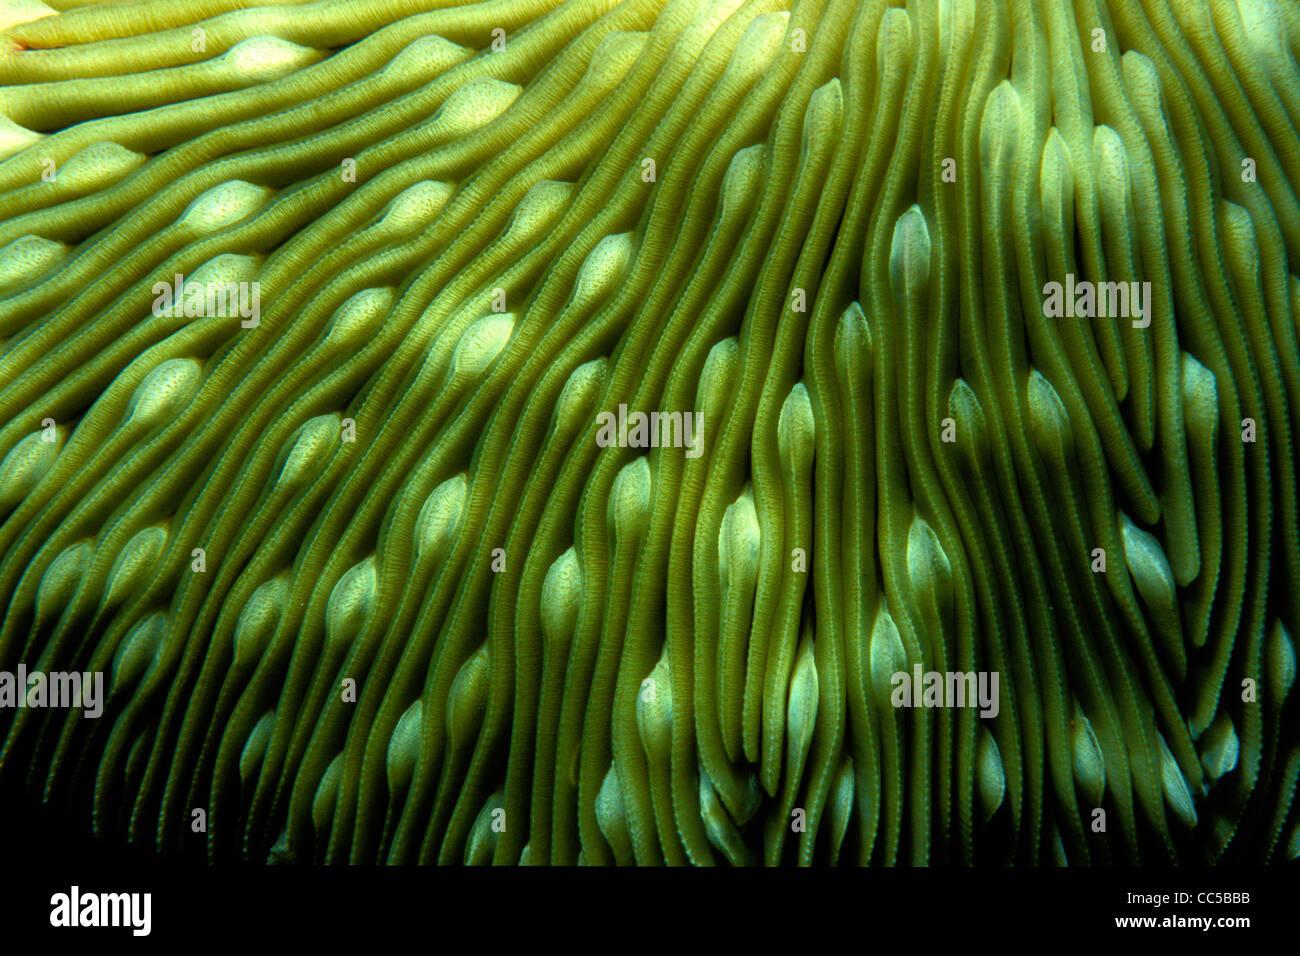 Seta, coral Fungia sp., detalle, Fiji, Océano Pacífico Imagen De Stock